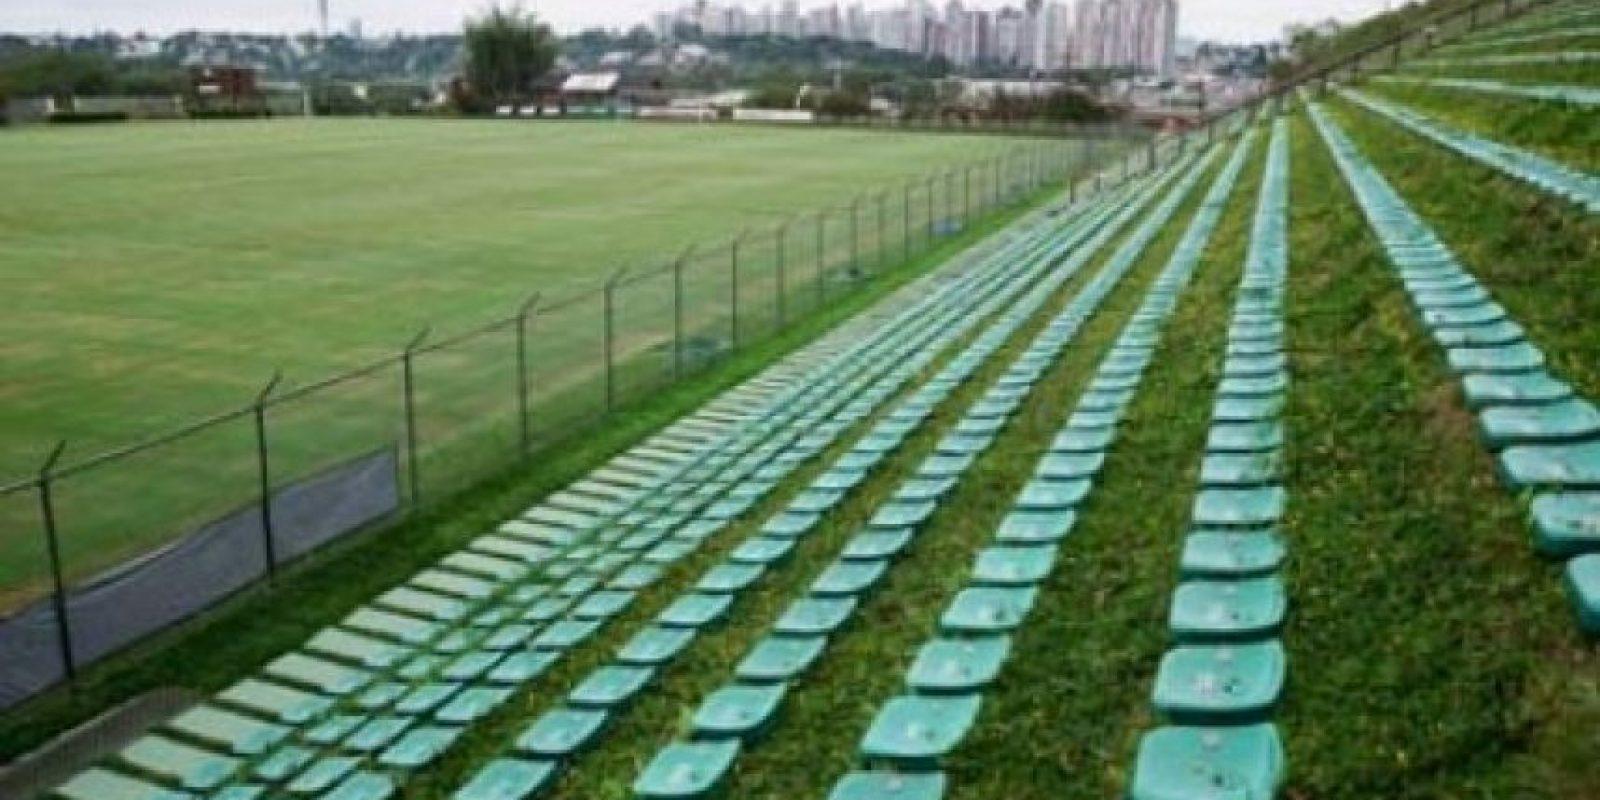 """Eco-Estadio Janguito Malucelli (Brasil). El primer estadio """"ecológico"""" del mundo tiene la particularidad que sus butacas están instaladas sobre el césped y no se utilizó cemento. Foto:Sitio web oficial Janguito Malucelli"""